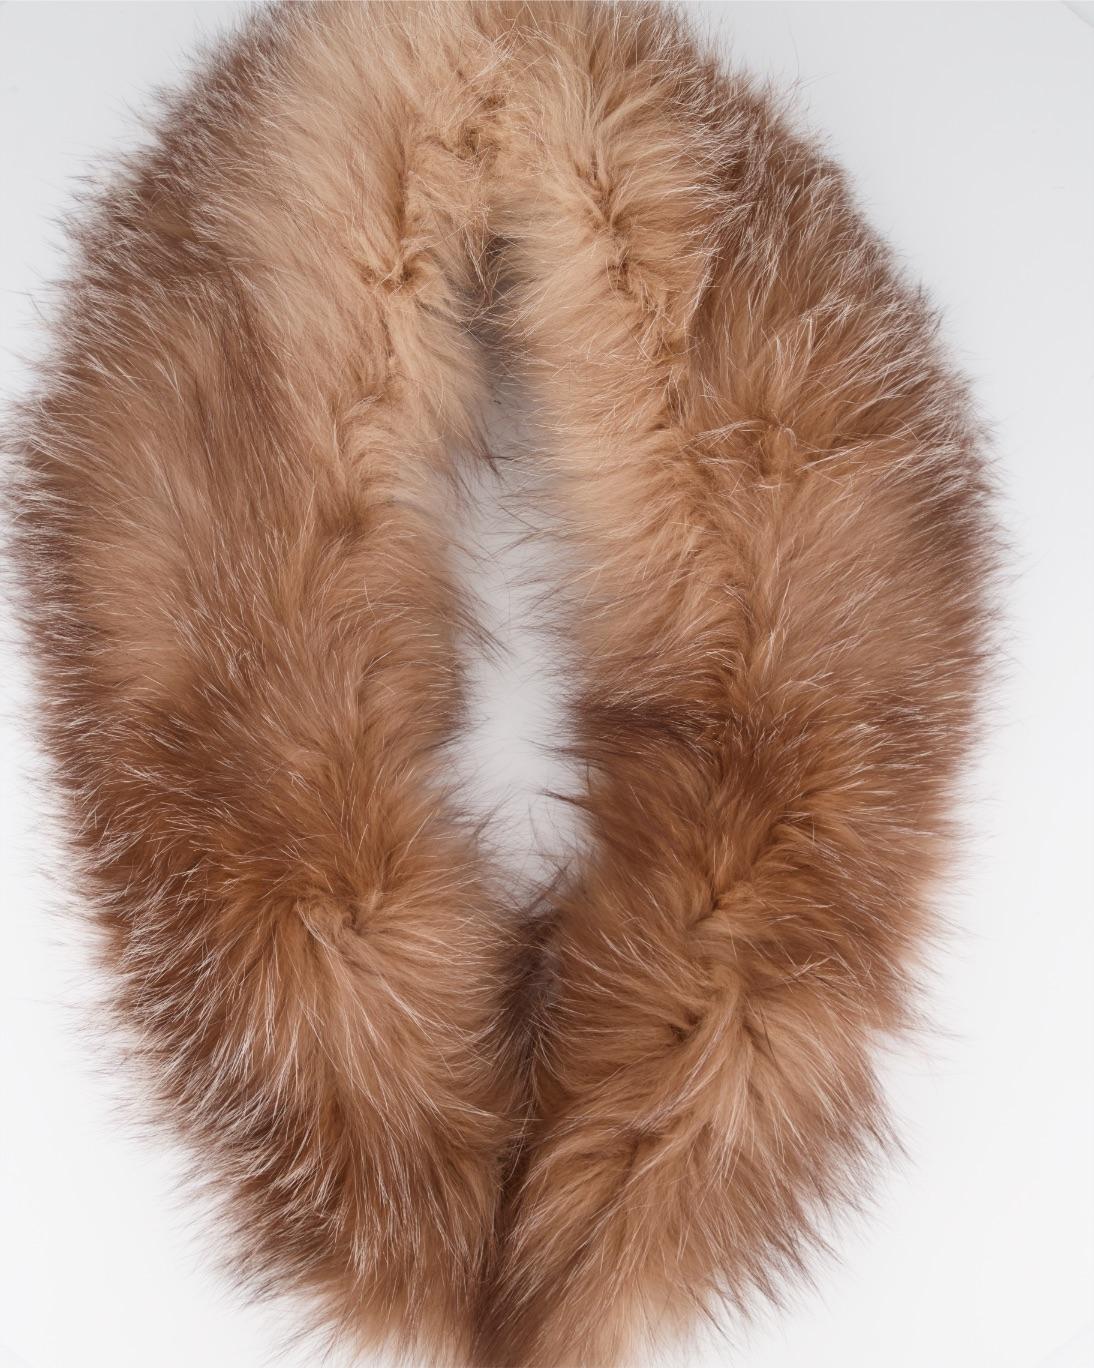 beige brown fox-Top-jpg-1